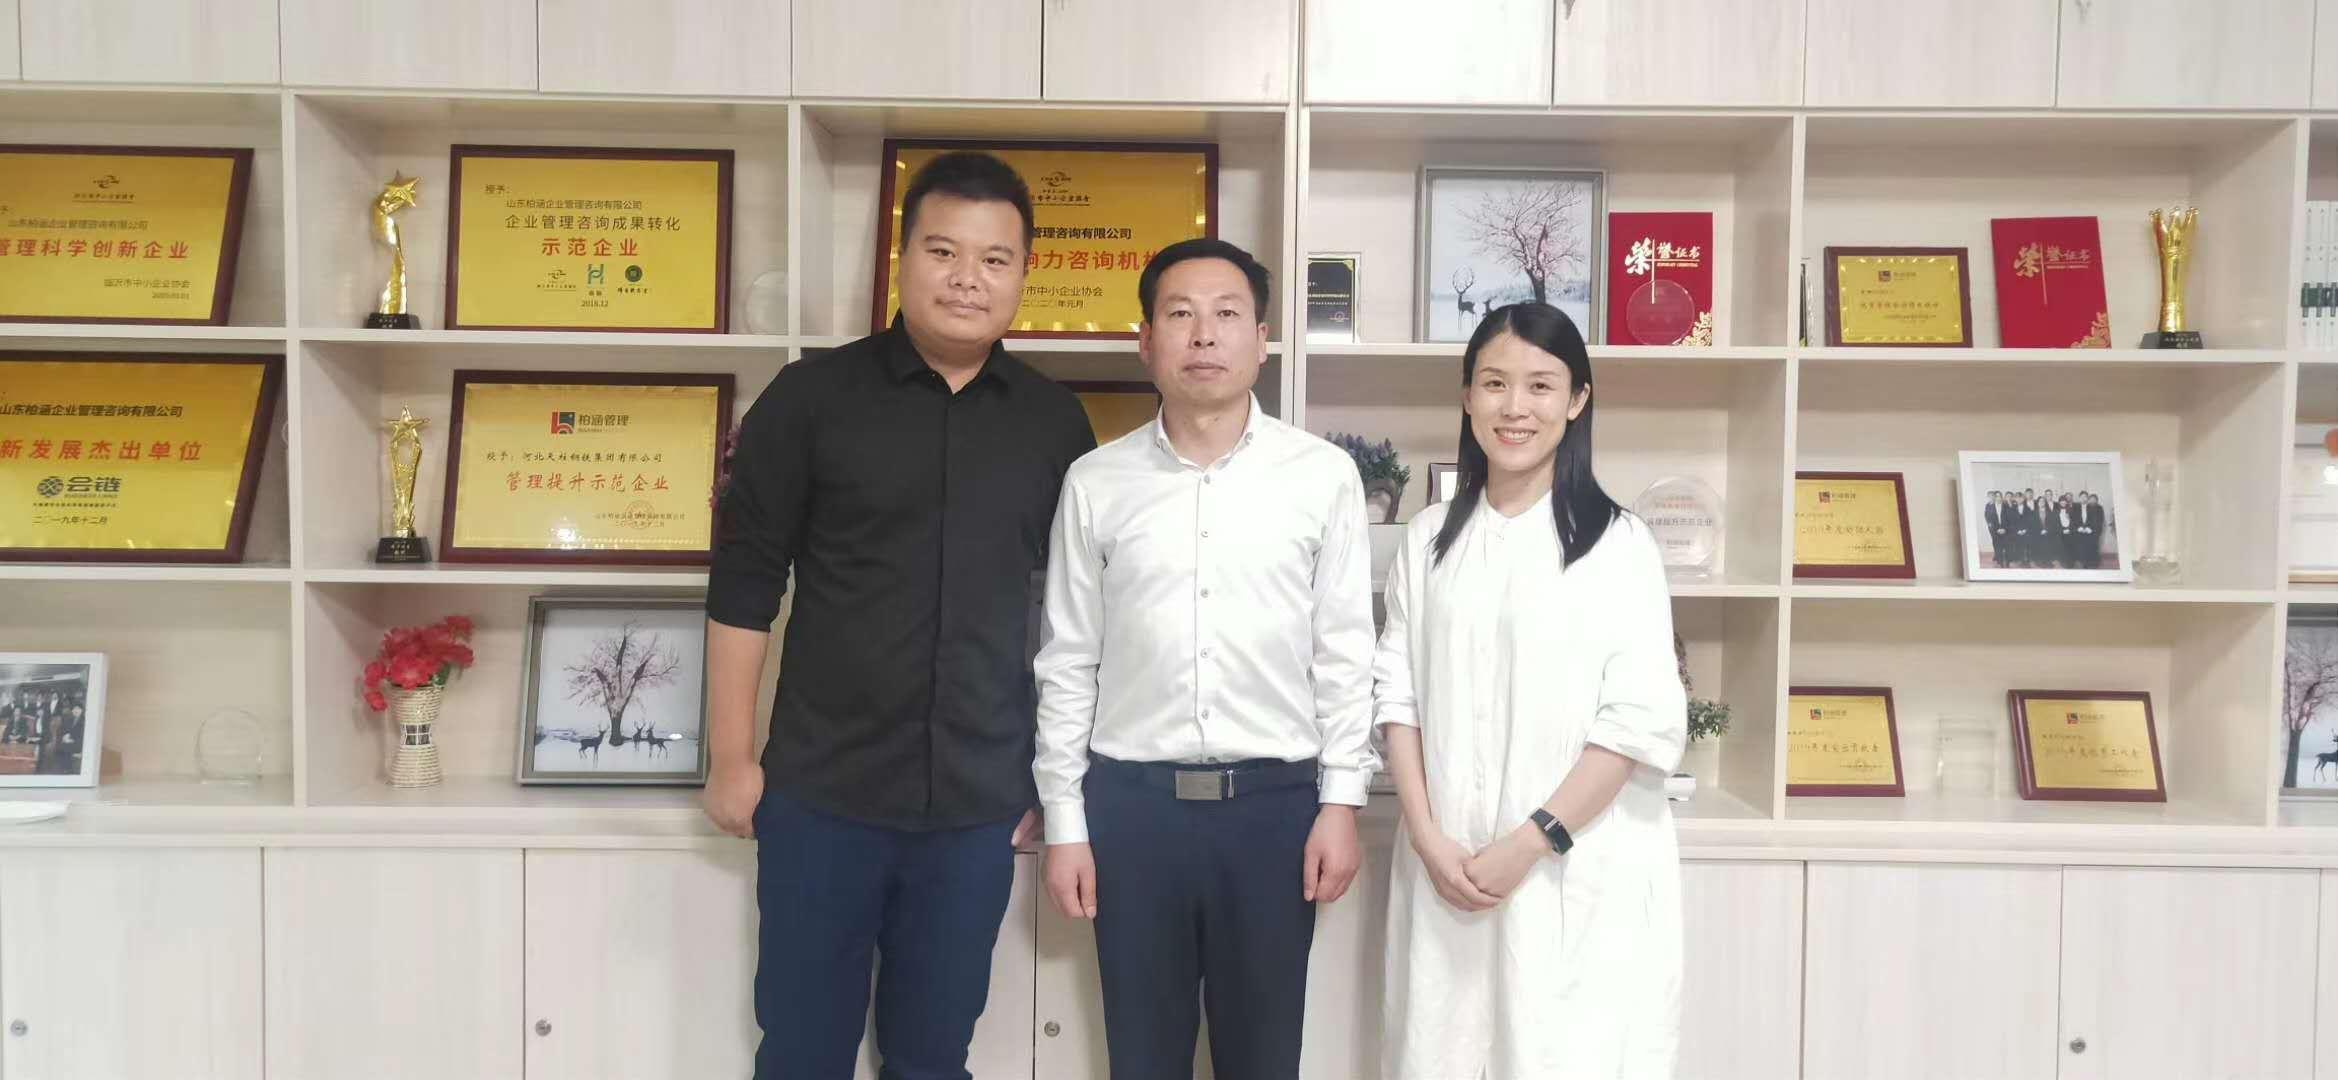 祝贺德赢体育平台app管理与临沂市广播电视台合作签约成功